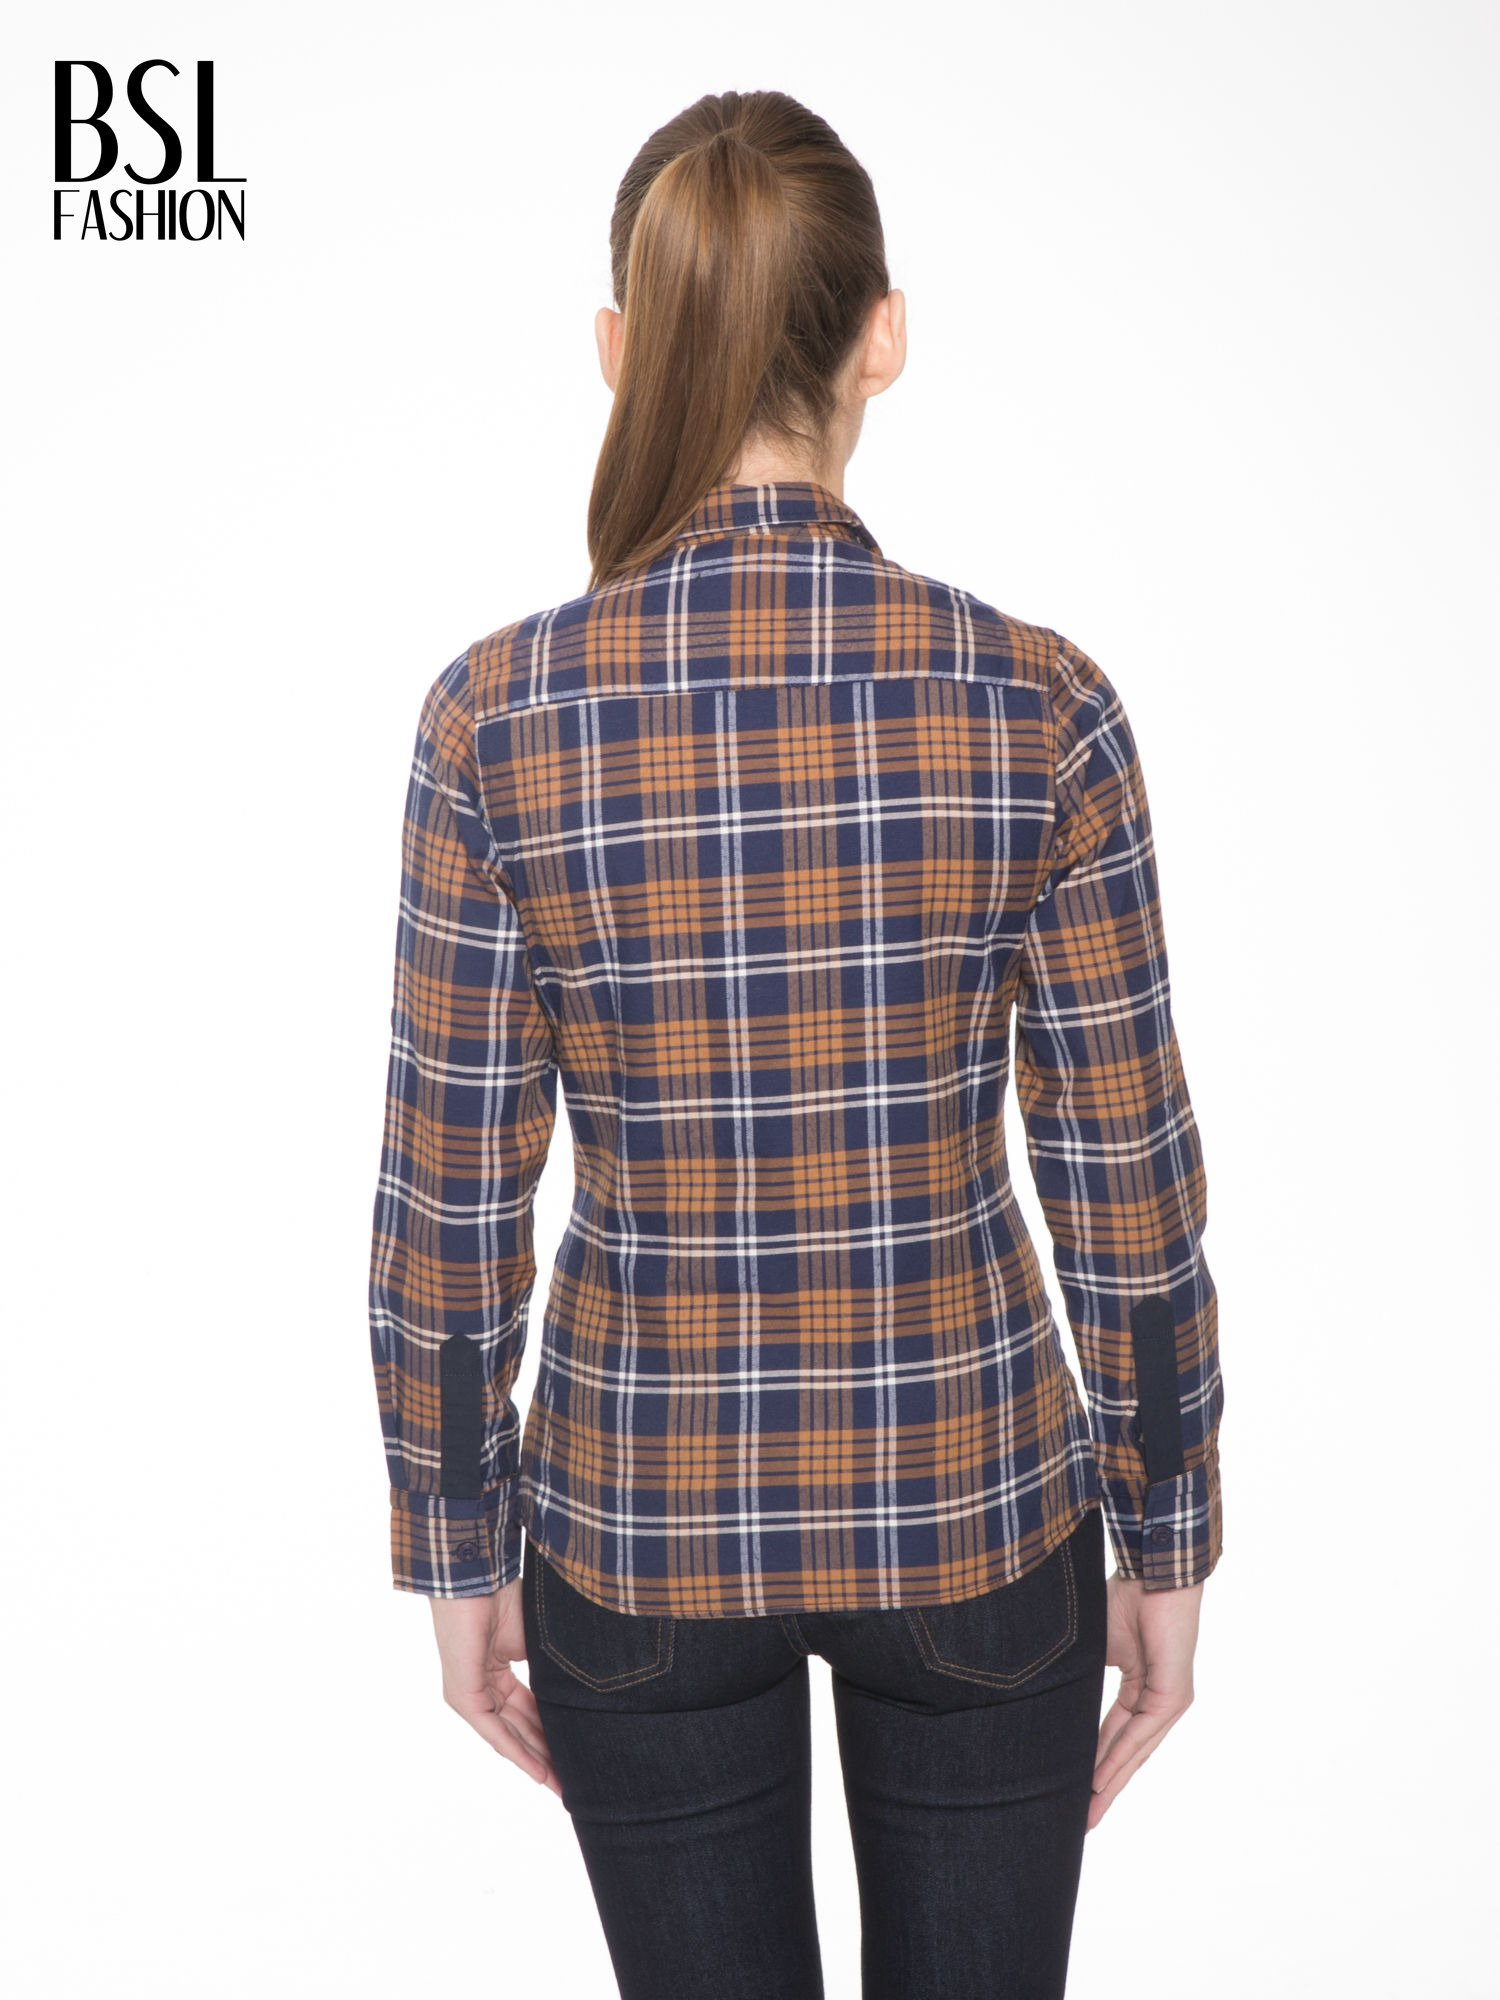 Brązowo-granatowa damska koszula w kratę z kieszonkami i naszywką                                  zdj.                                  2